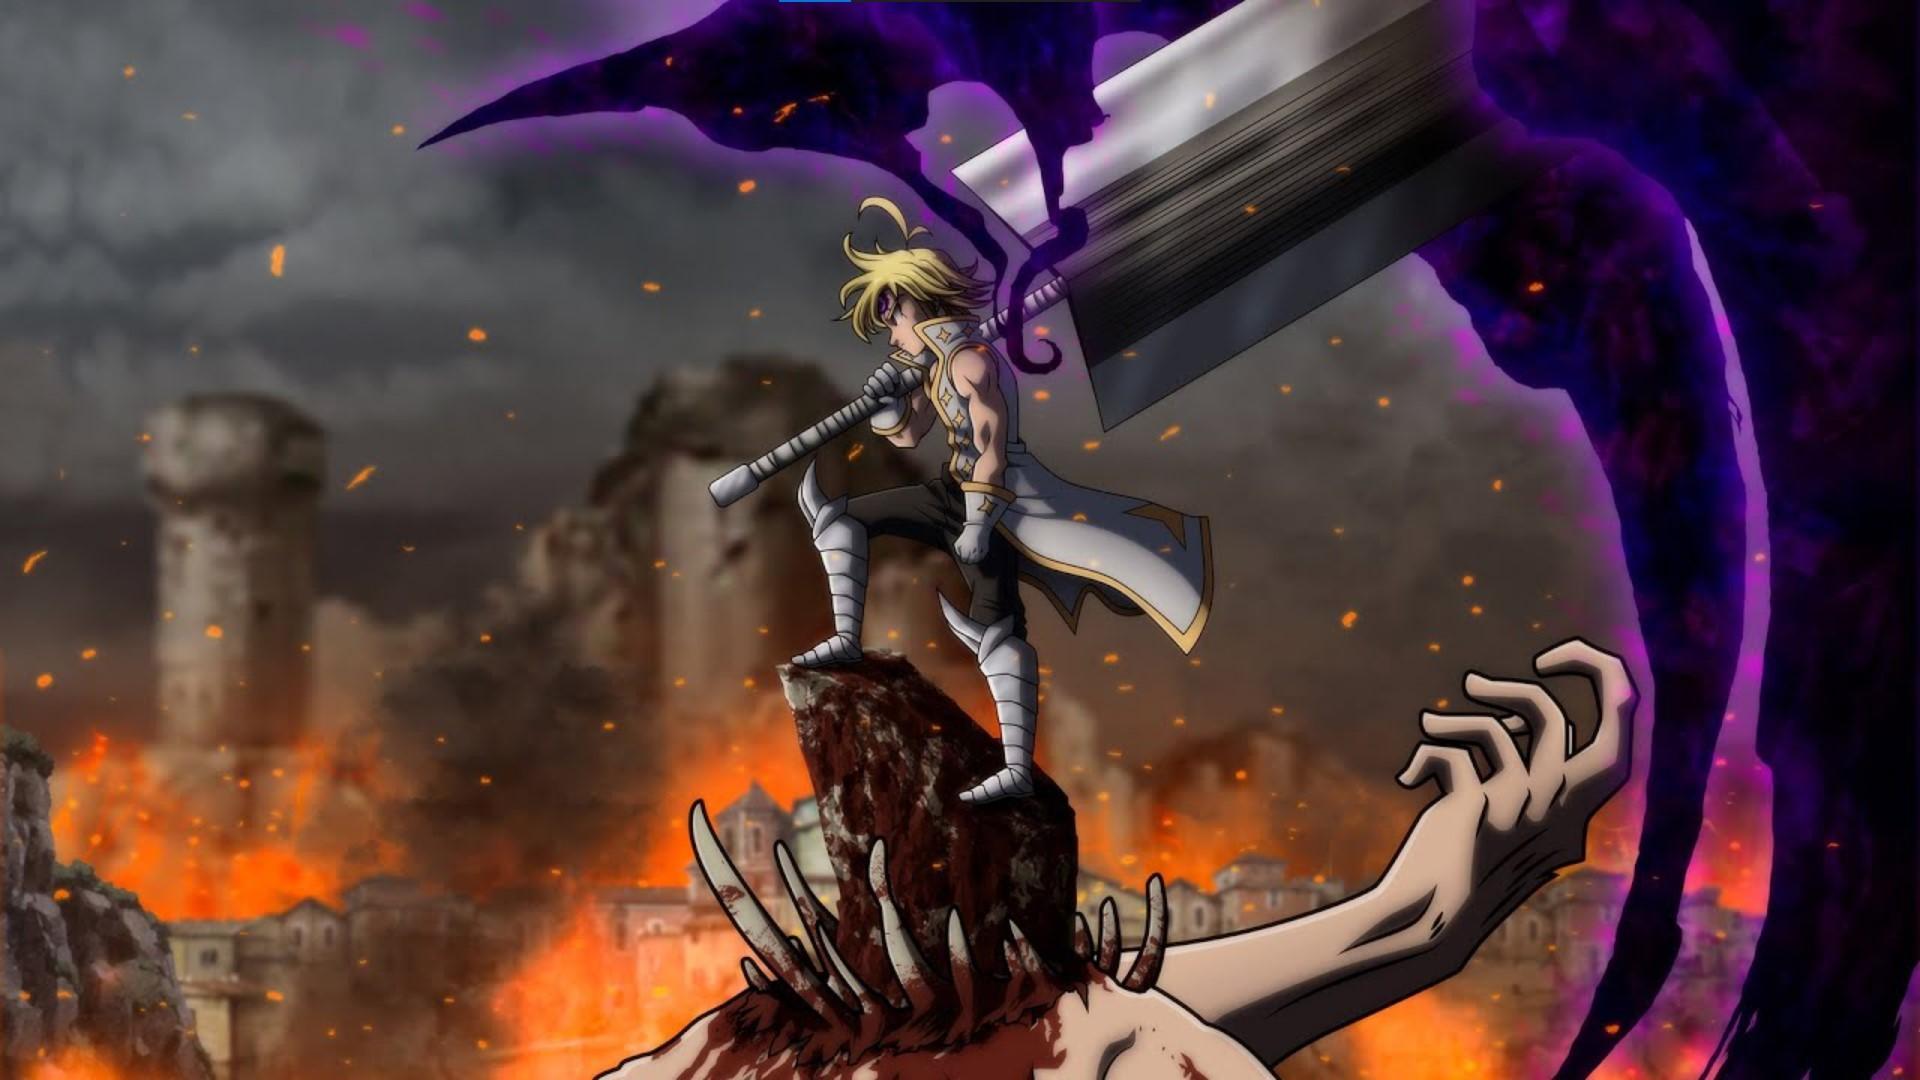 Seven Deadly Sins- anime like black clover/anime similar to black clover